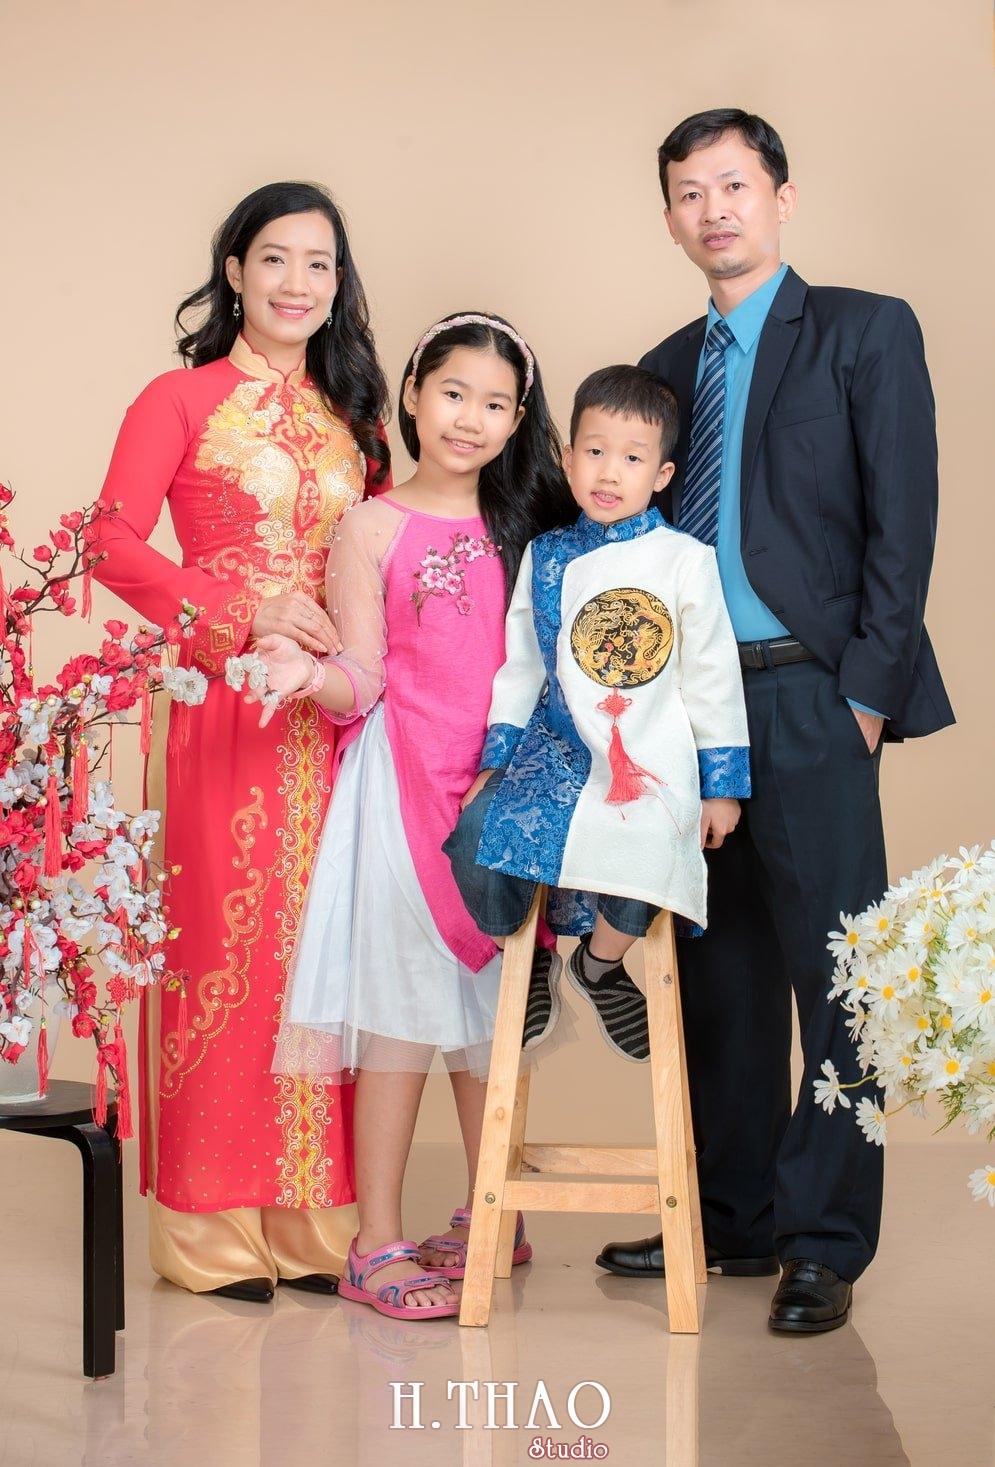 Anh tet gia dinh 4 - Dịch vụ chụp ảnh kỷ niệm ngày cưới - HThao Studio